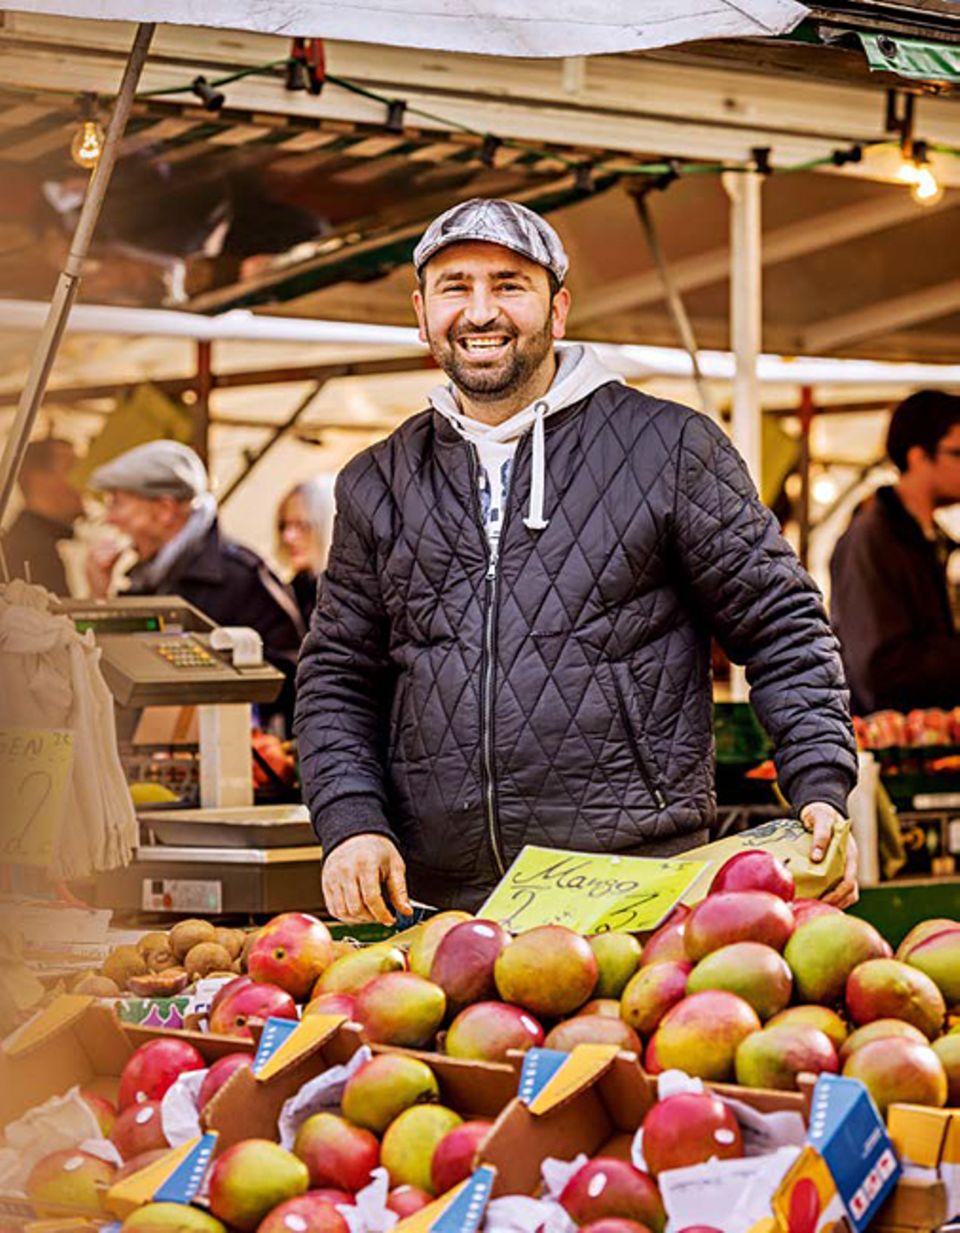 Berlin: Galip verkauft auf dem Wochenmarkt am Karl-August-Platz seine Mangos